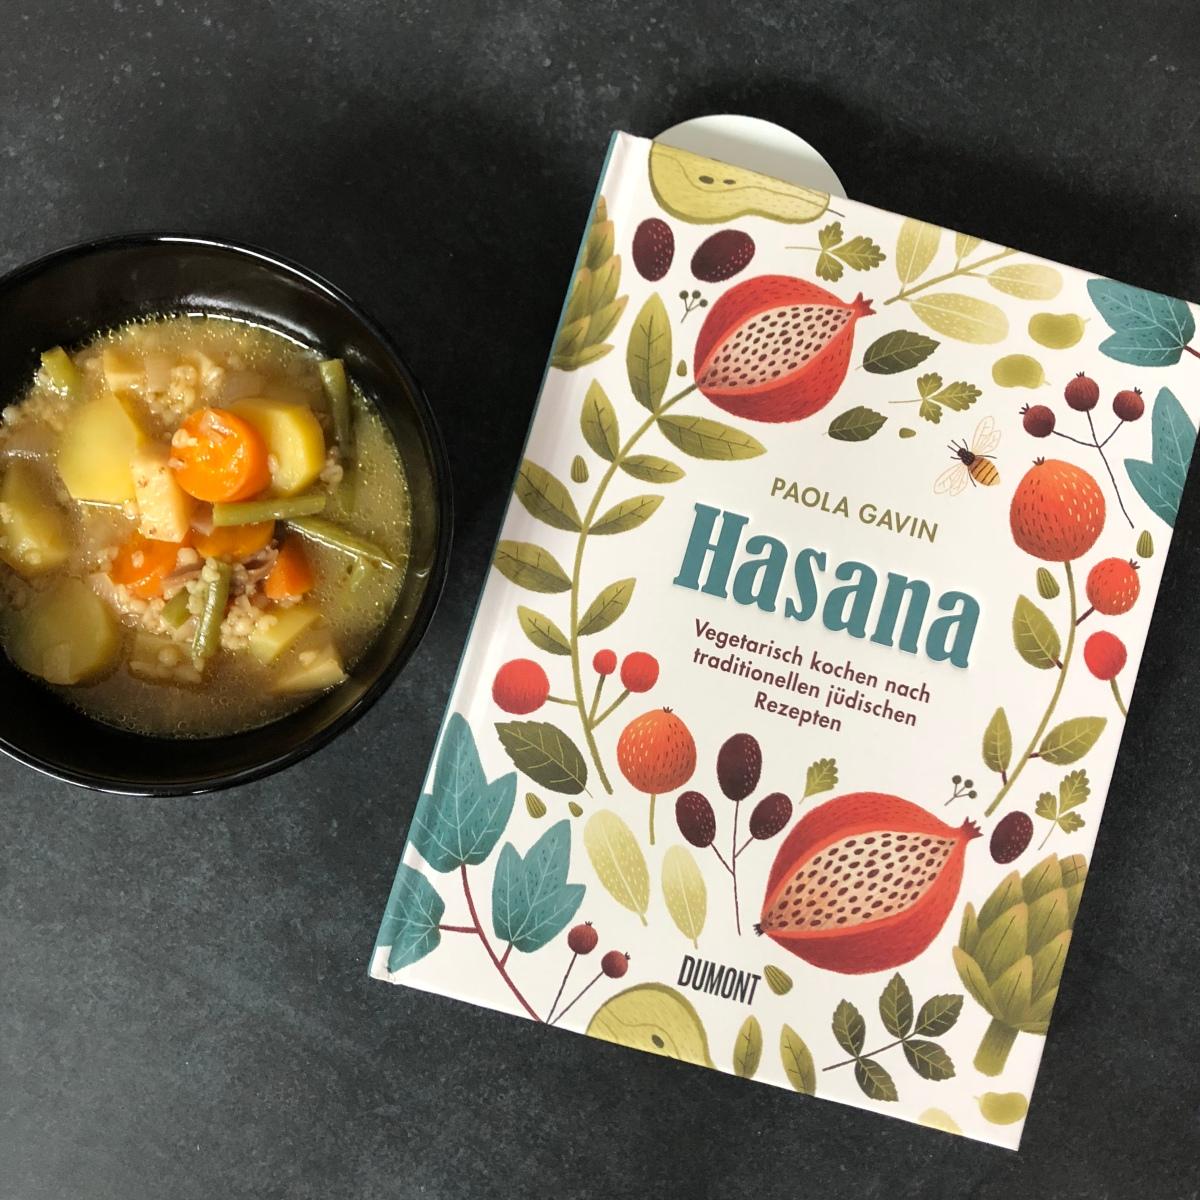 Hasana - vegetarisch kochen nach traditionellen jüdischen Rezepten von Paola Gavin